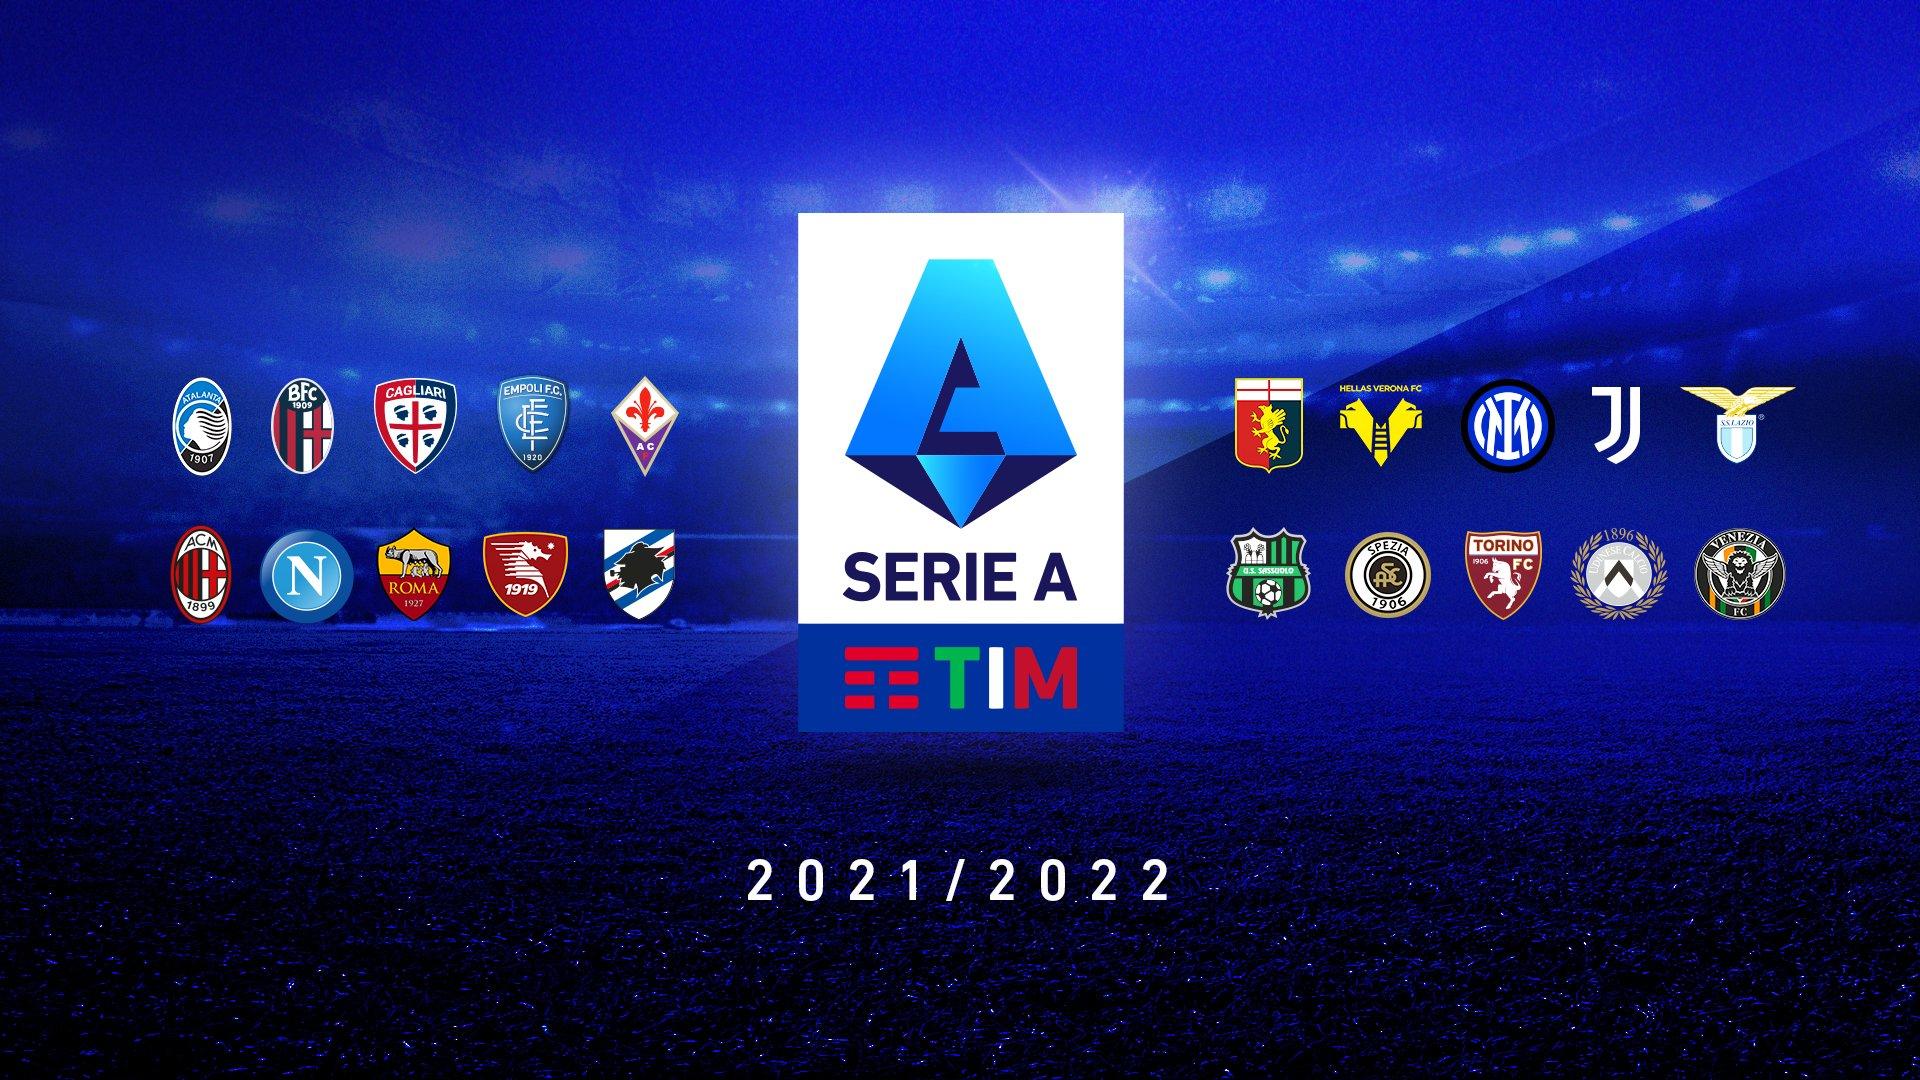 OFICIAL I Ya se conoce el calendario para la Serie A 2021/22